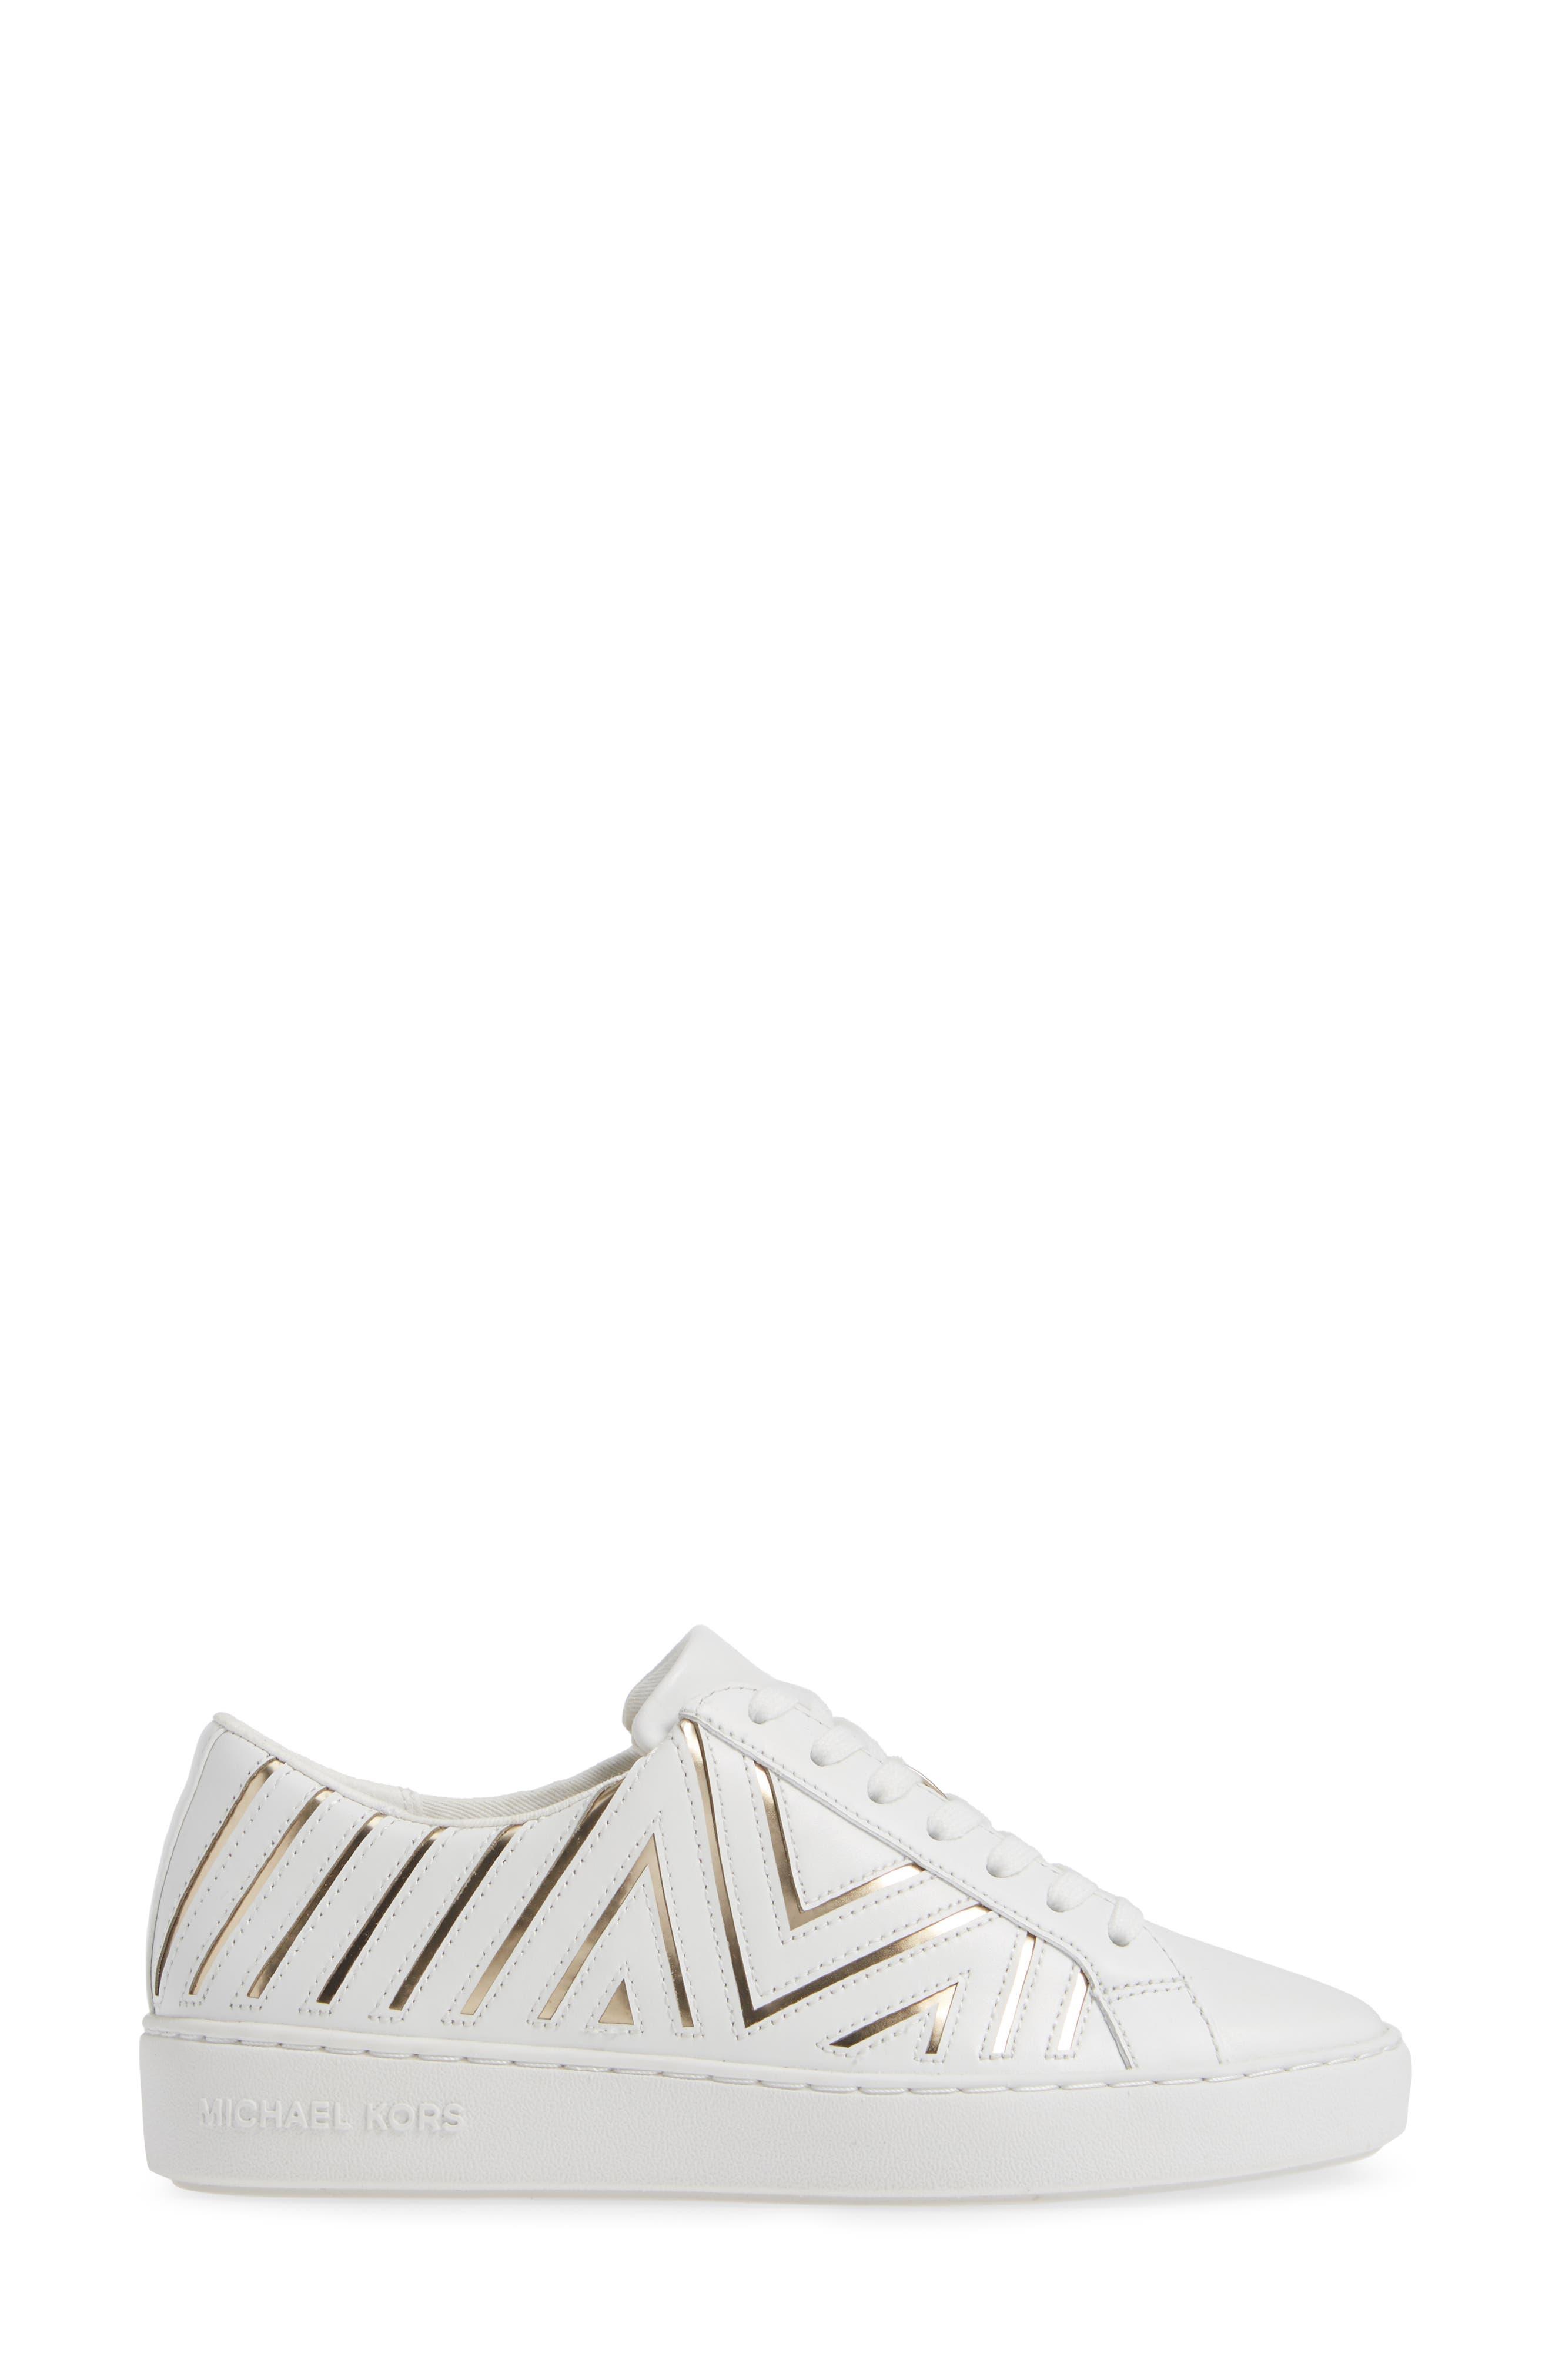 MICHAEL MICHAEL KORS,                             Whitney Sneaker,                             Alternate thumbnail 3, color,                             100